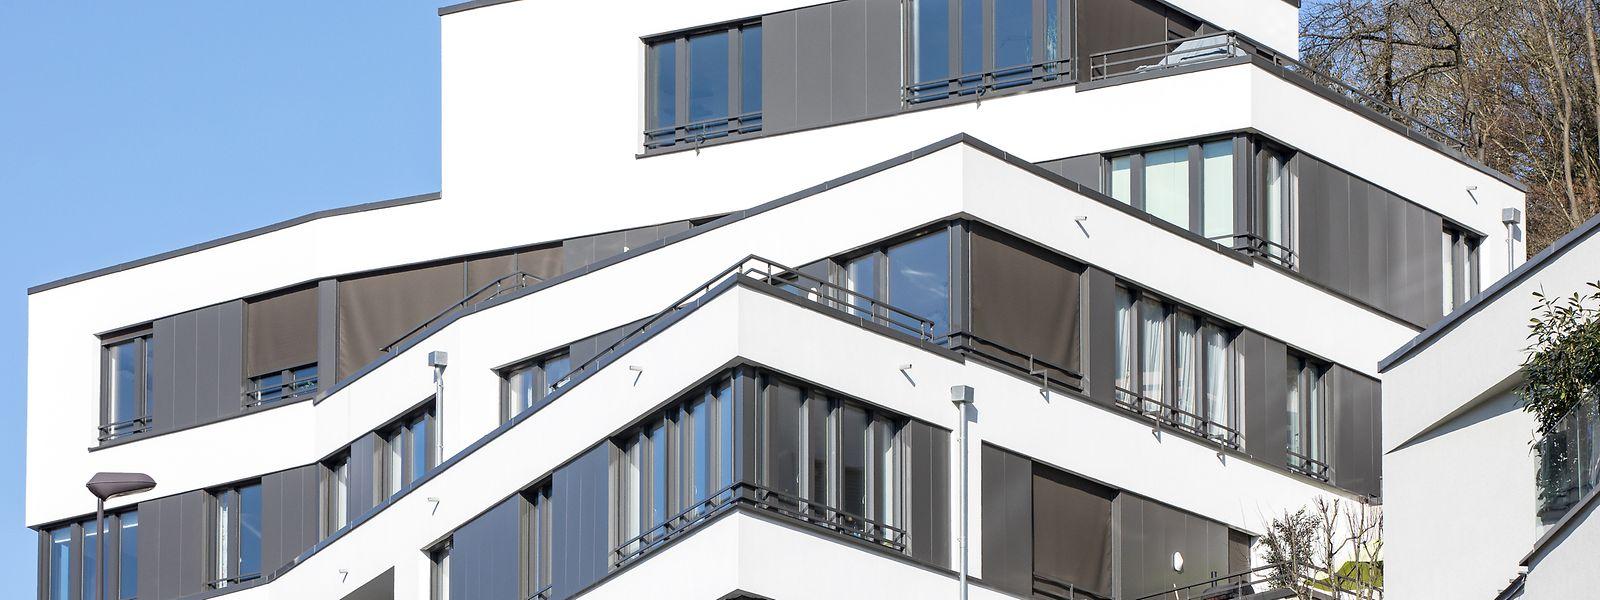 Luxemburg gehört laut dem Observatoire de l'habitat zu den EU-Ländern mit der höchsten Immobilienpreissteigerung im vergangenen Jahr.